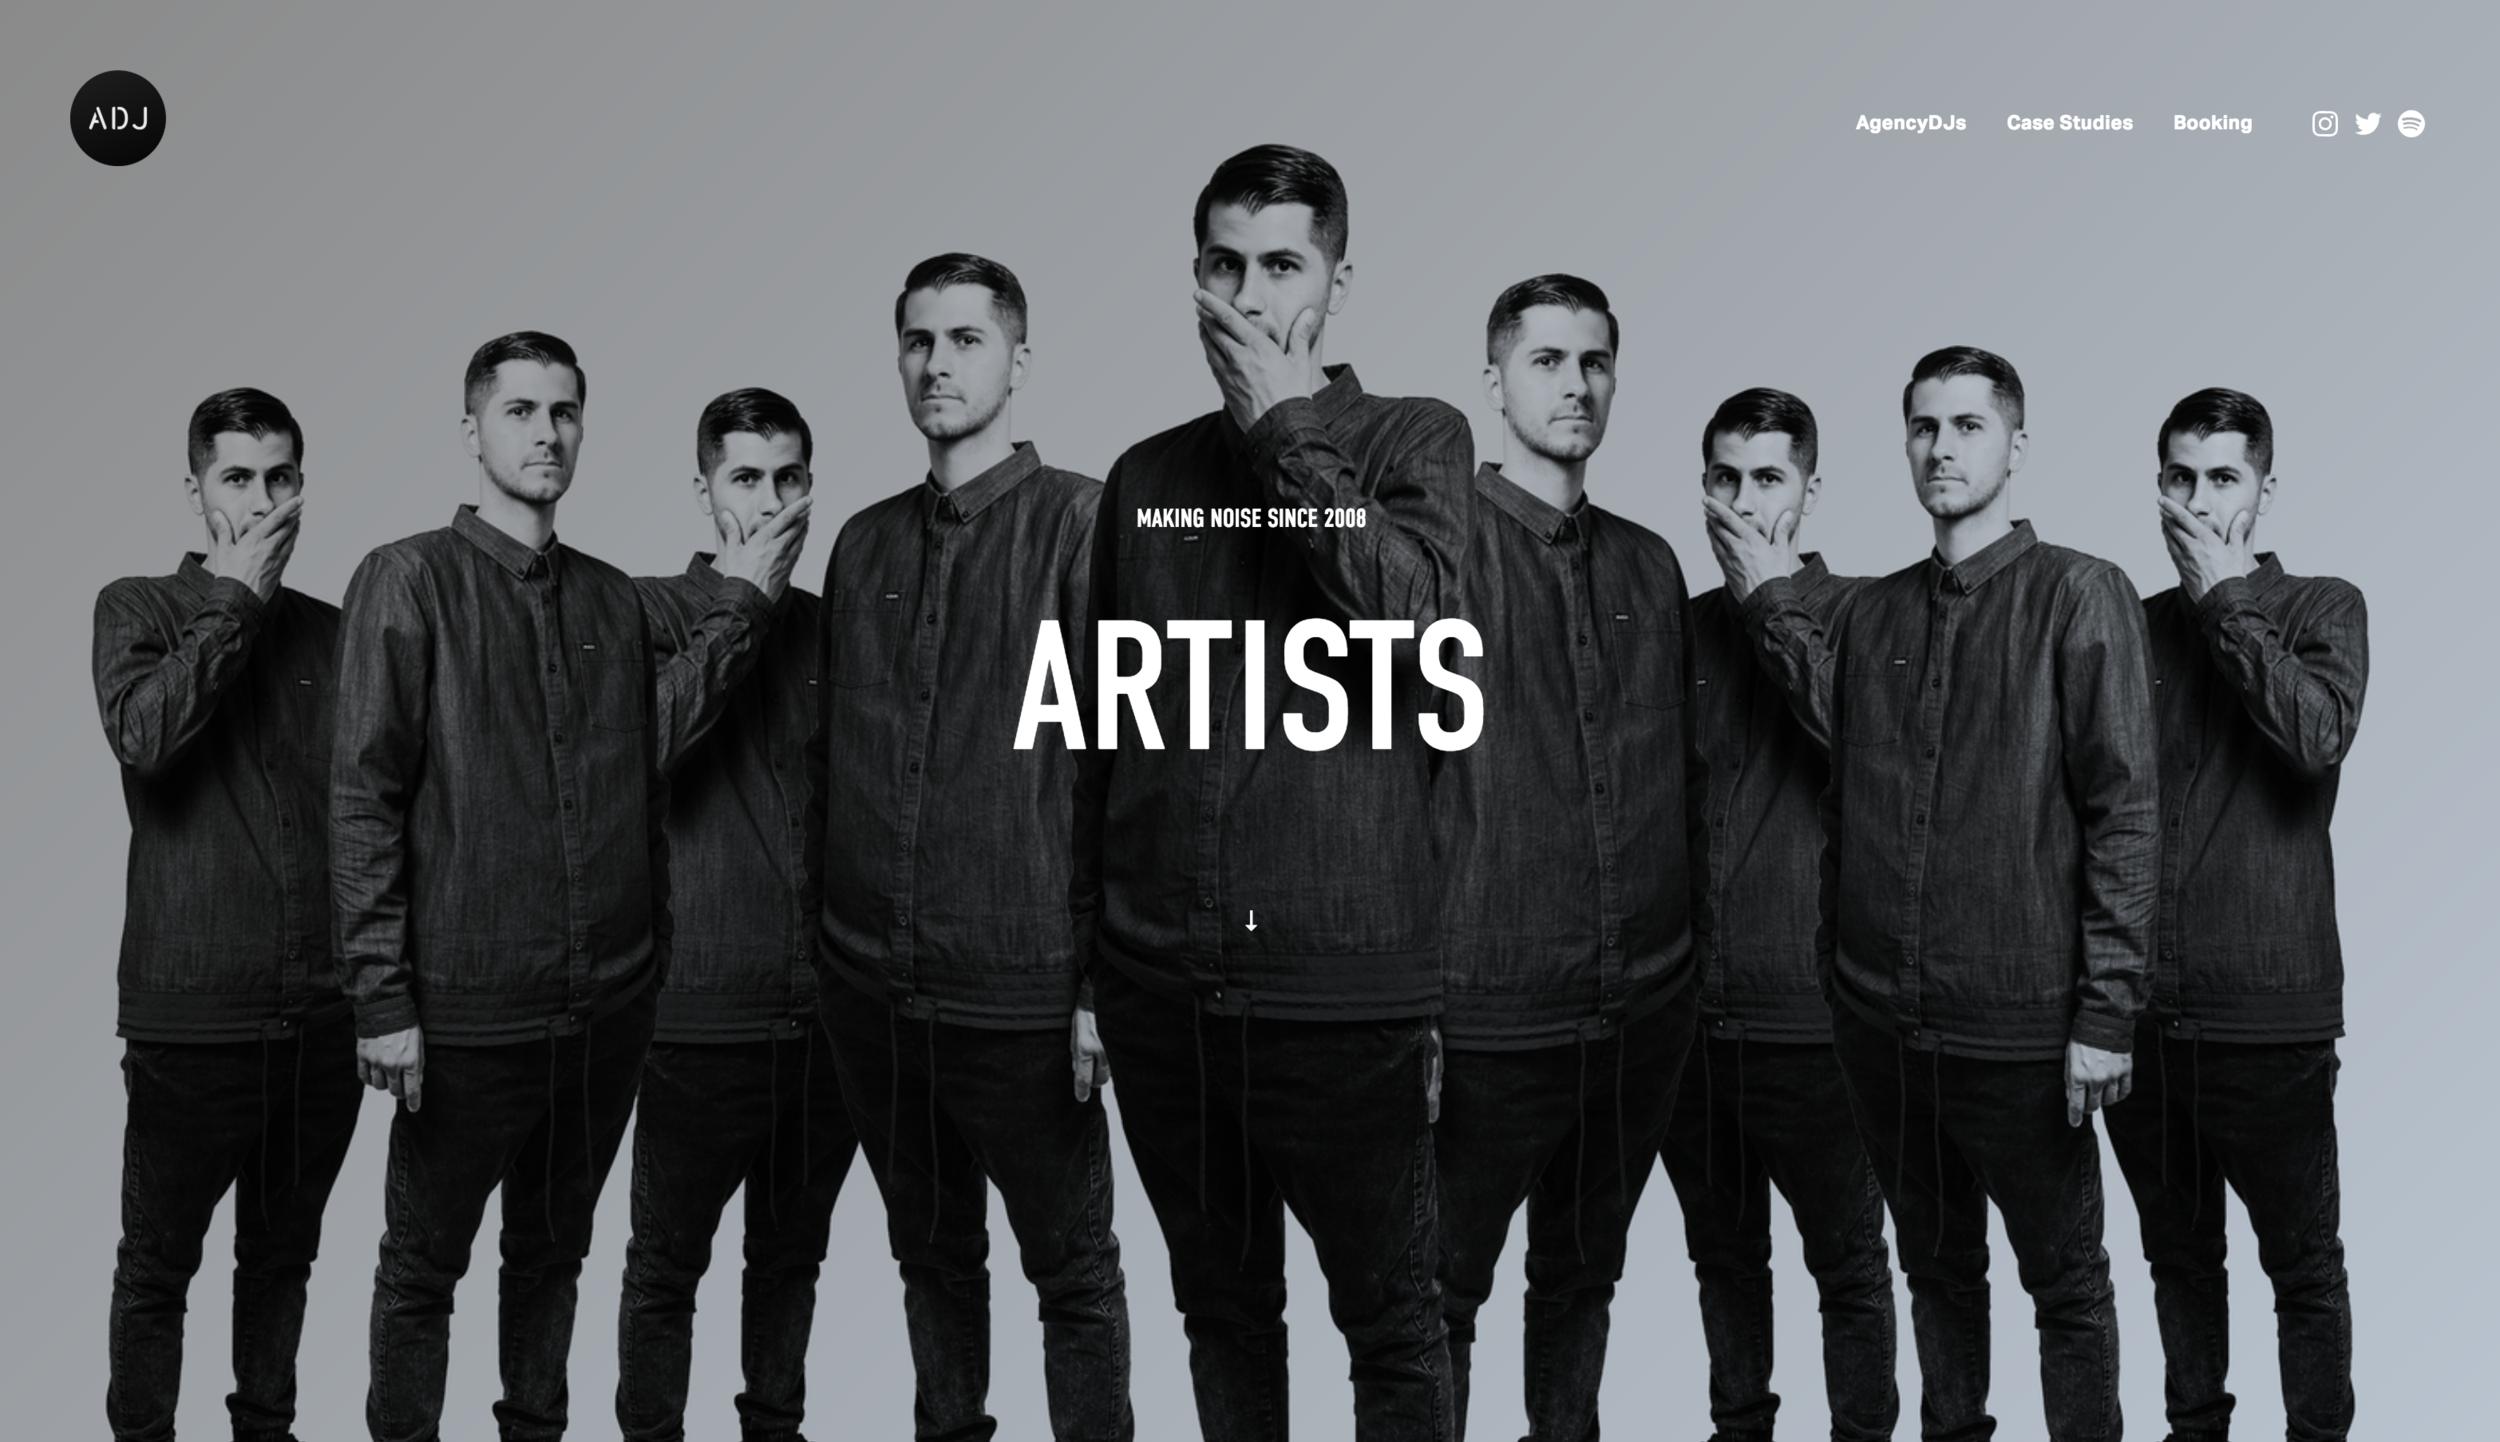 Agency DJs